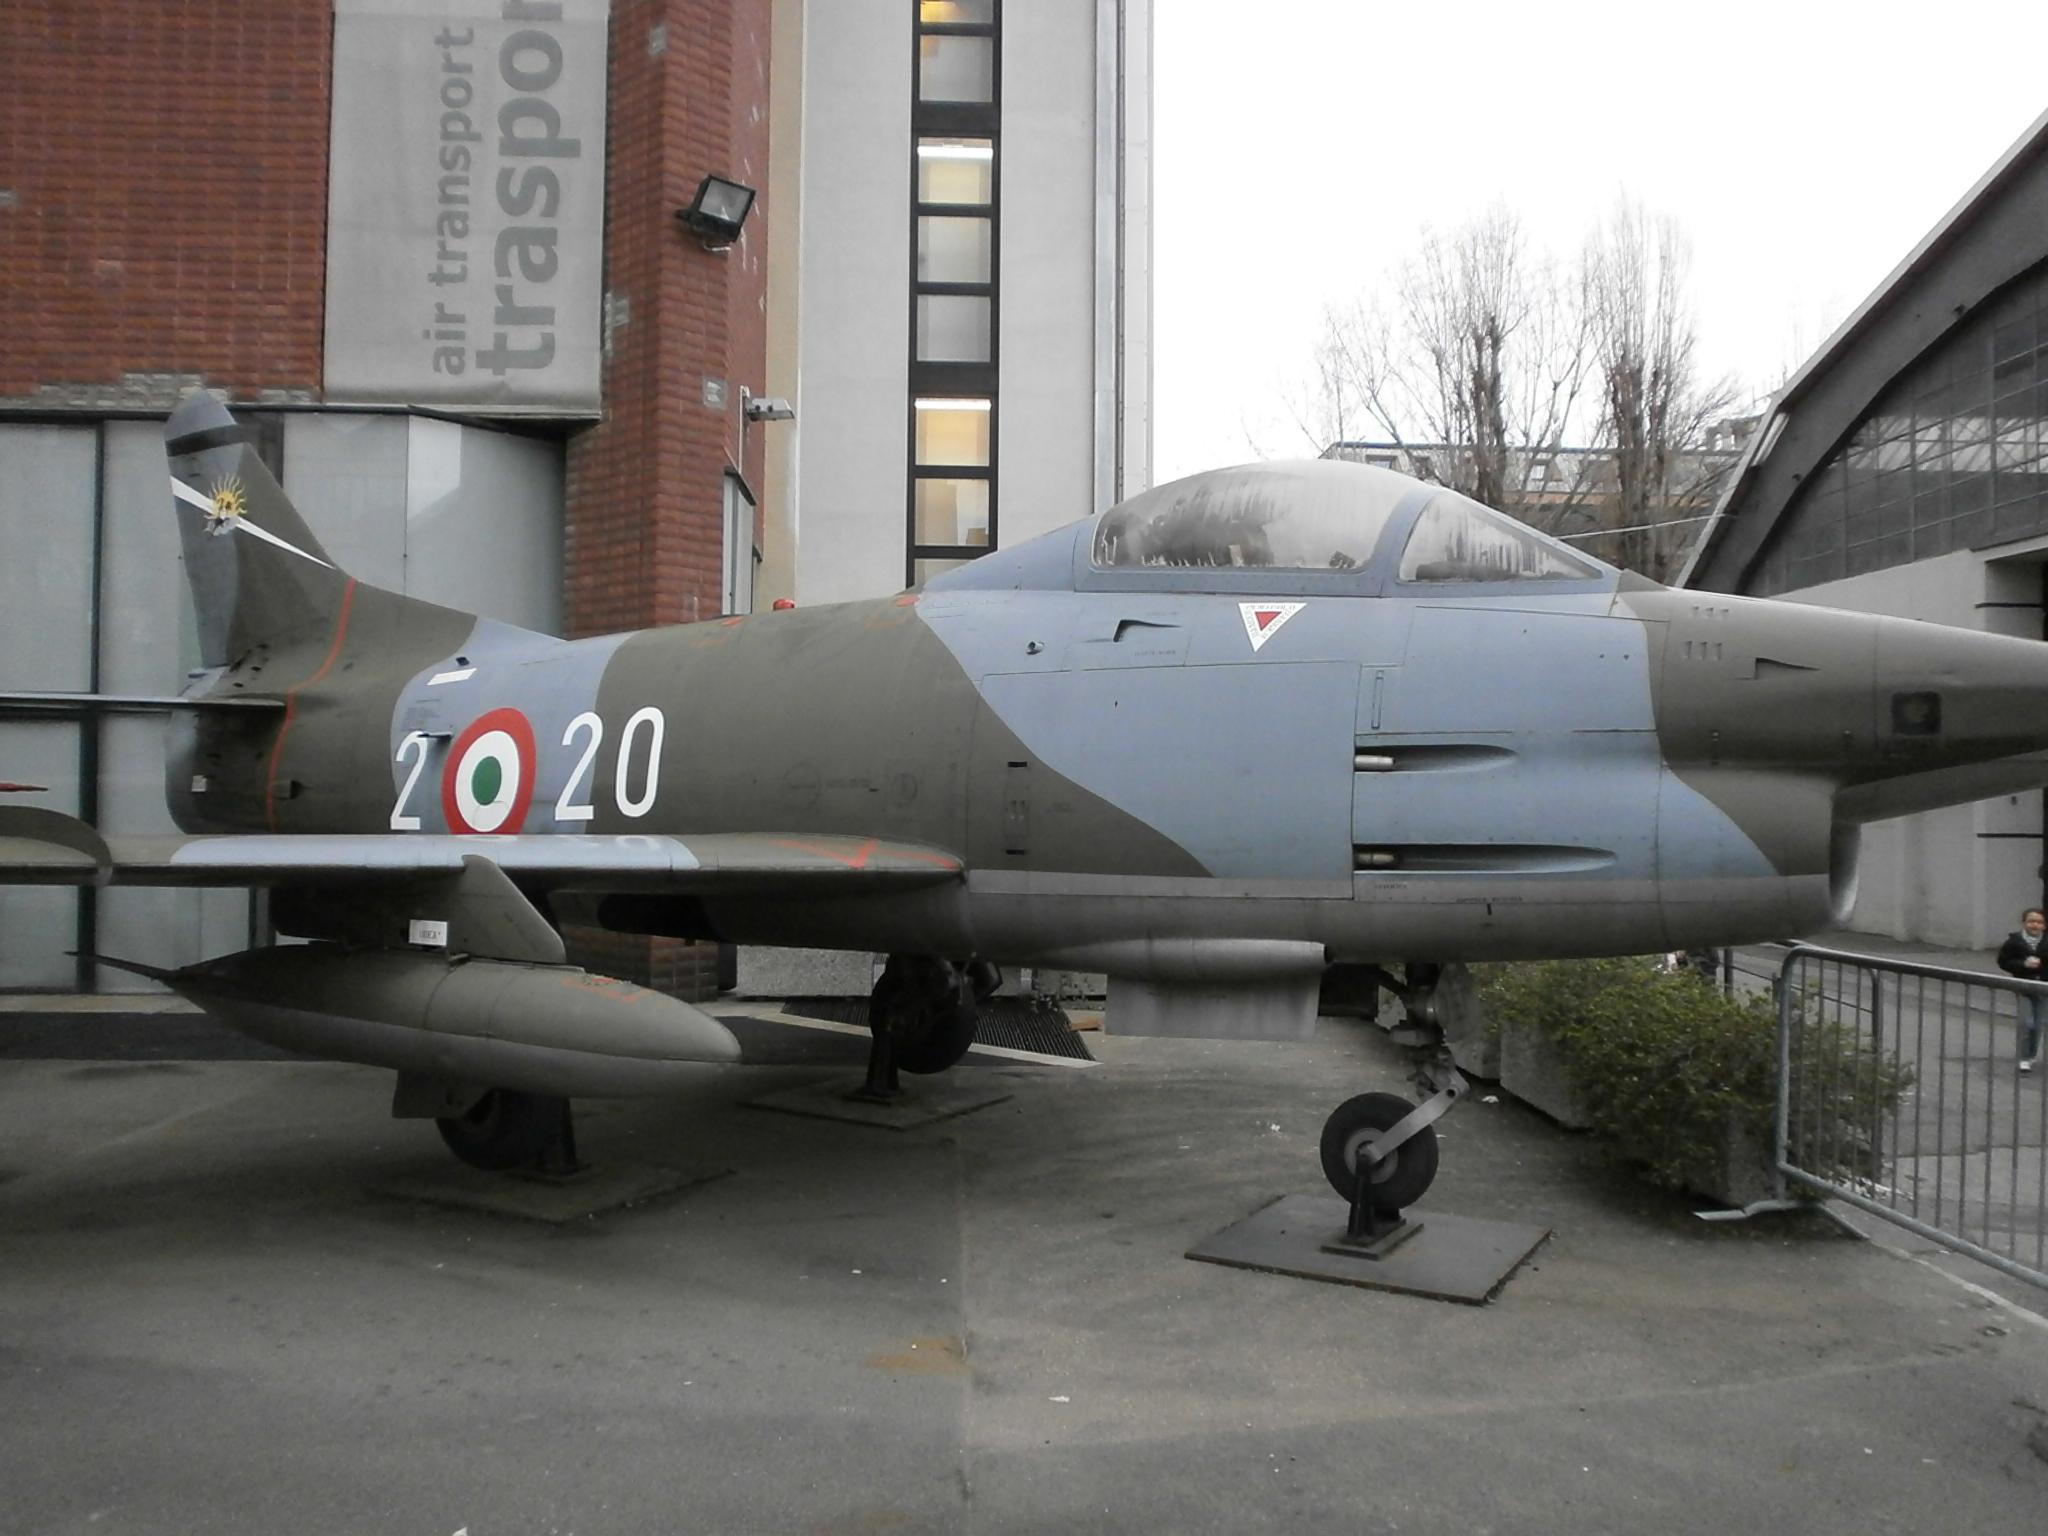 91 r aircraft - museo della scienza e della tecnica - milan - 02